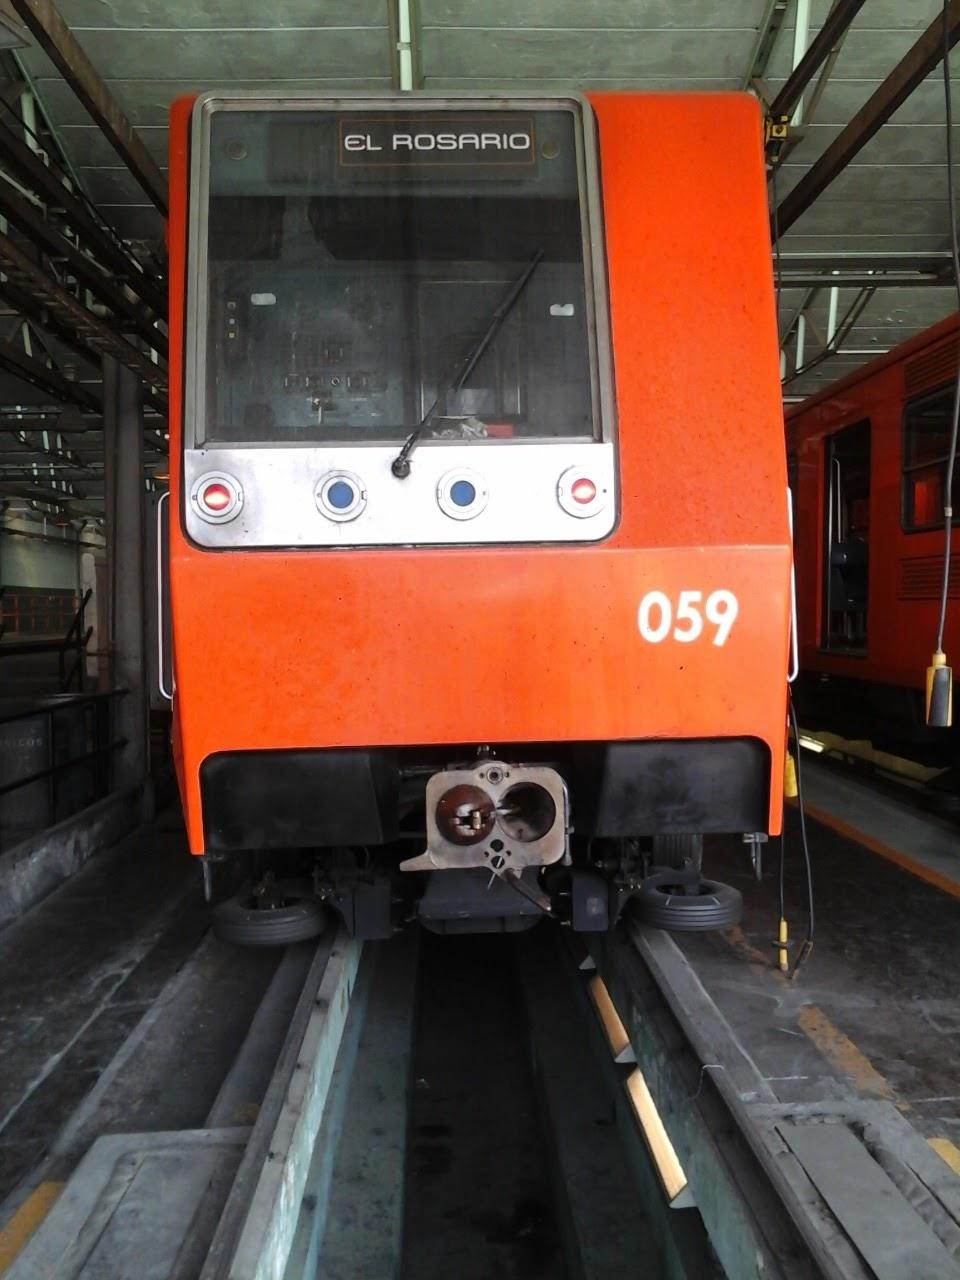 5fc91b3d-b435-4491-b4b7-7098cf56dbcb.jpg